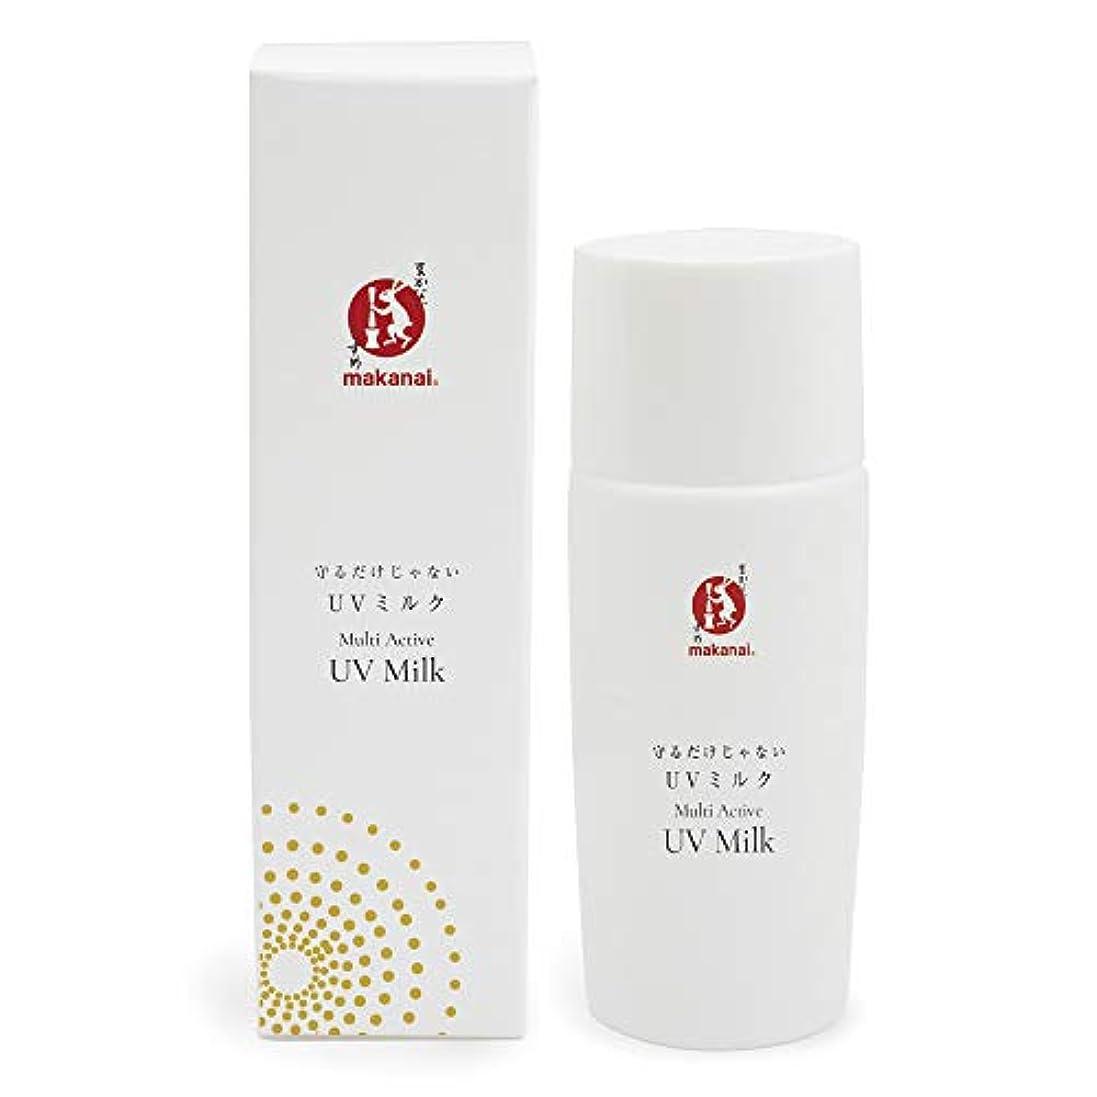 組み込む優先カールまかないこすめ 守るだけじゃないUVミルク(乳香の香り) SPF50+ PA++++ 50ml